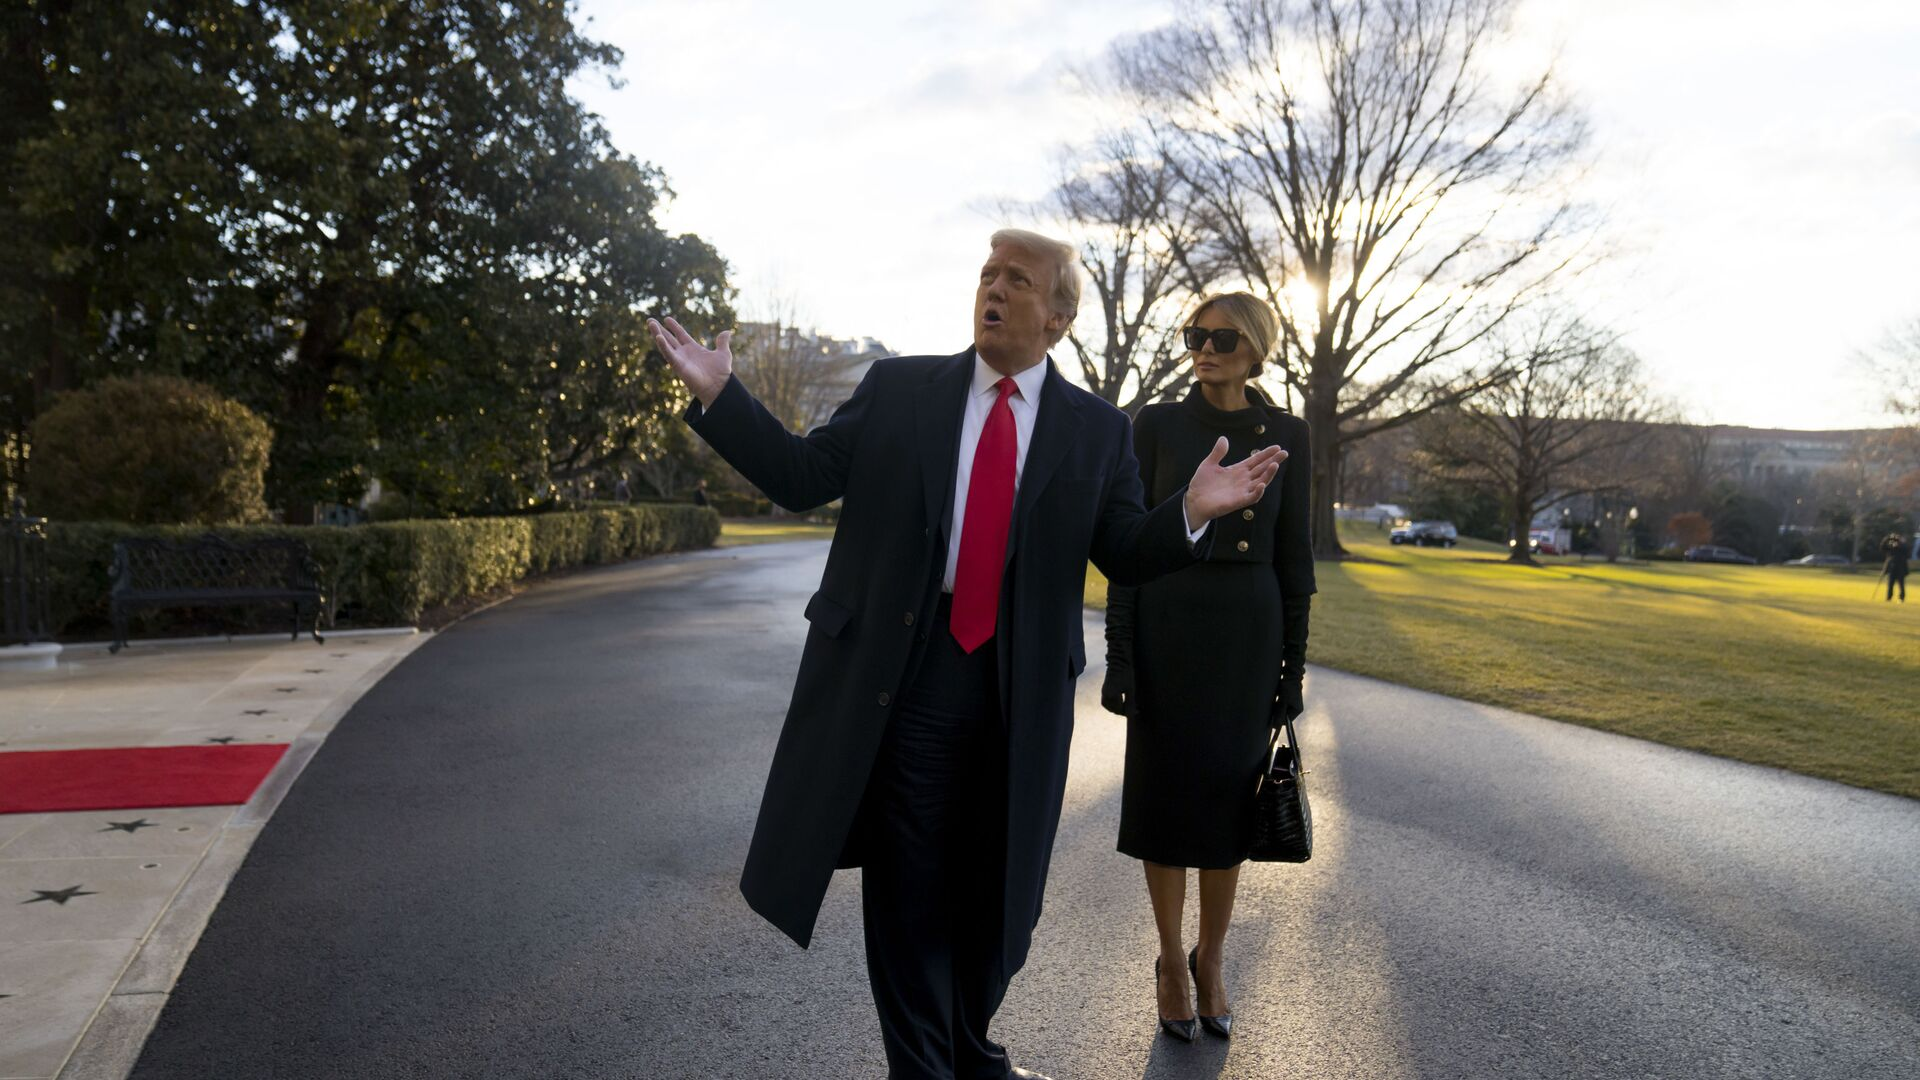 Donald y Melania Trump dejan la Casa Blanca - Sputnik Mundo, 1920, 02.03.2021